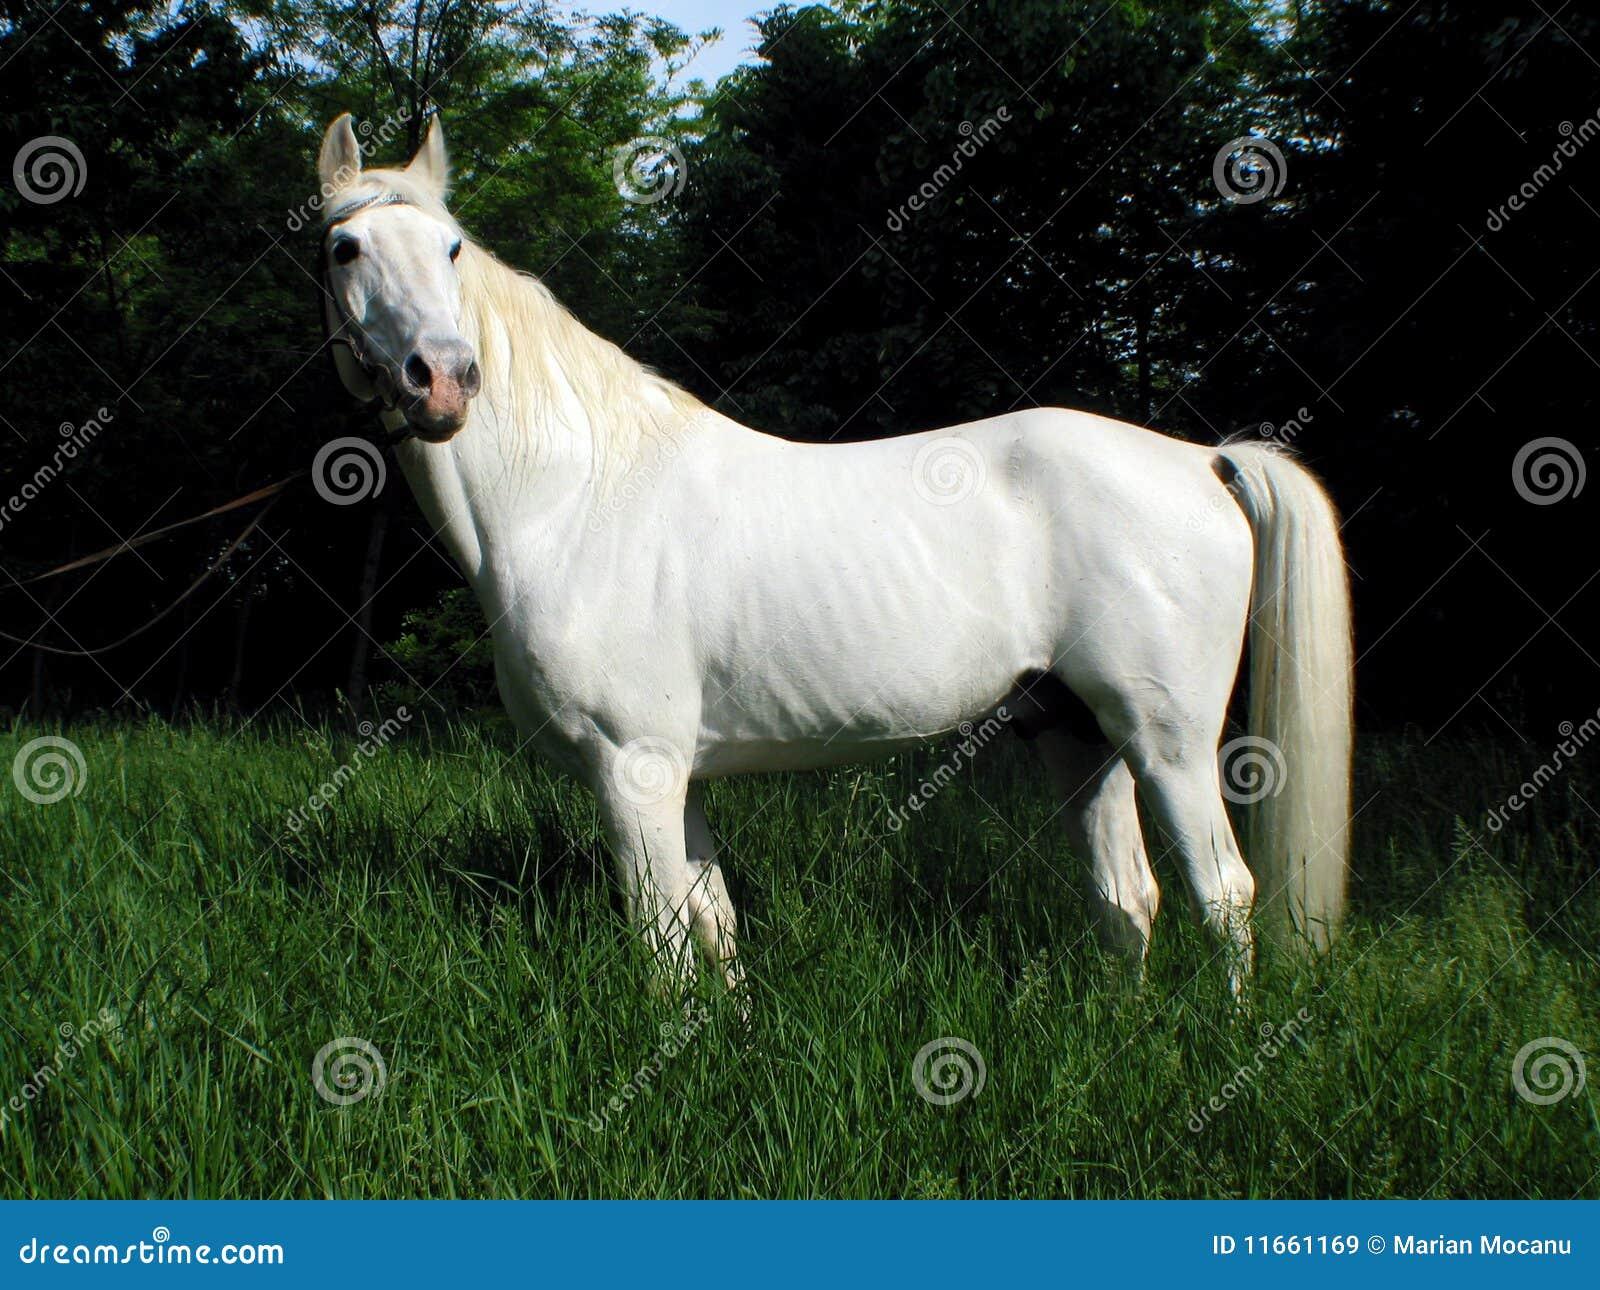 Image Result For White Horse Farm Wallpaper